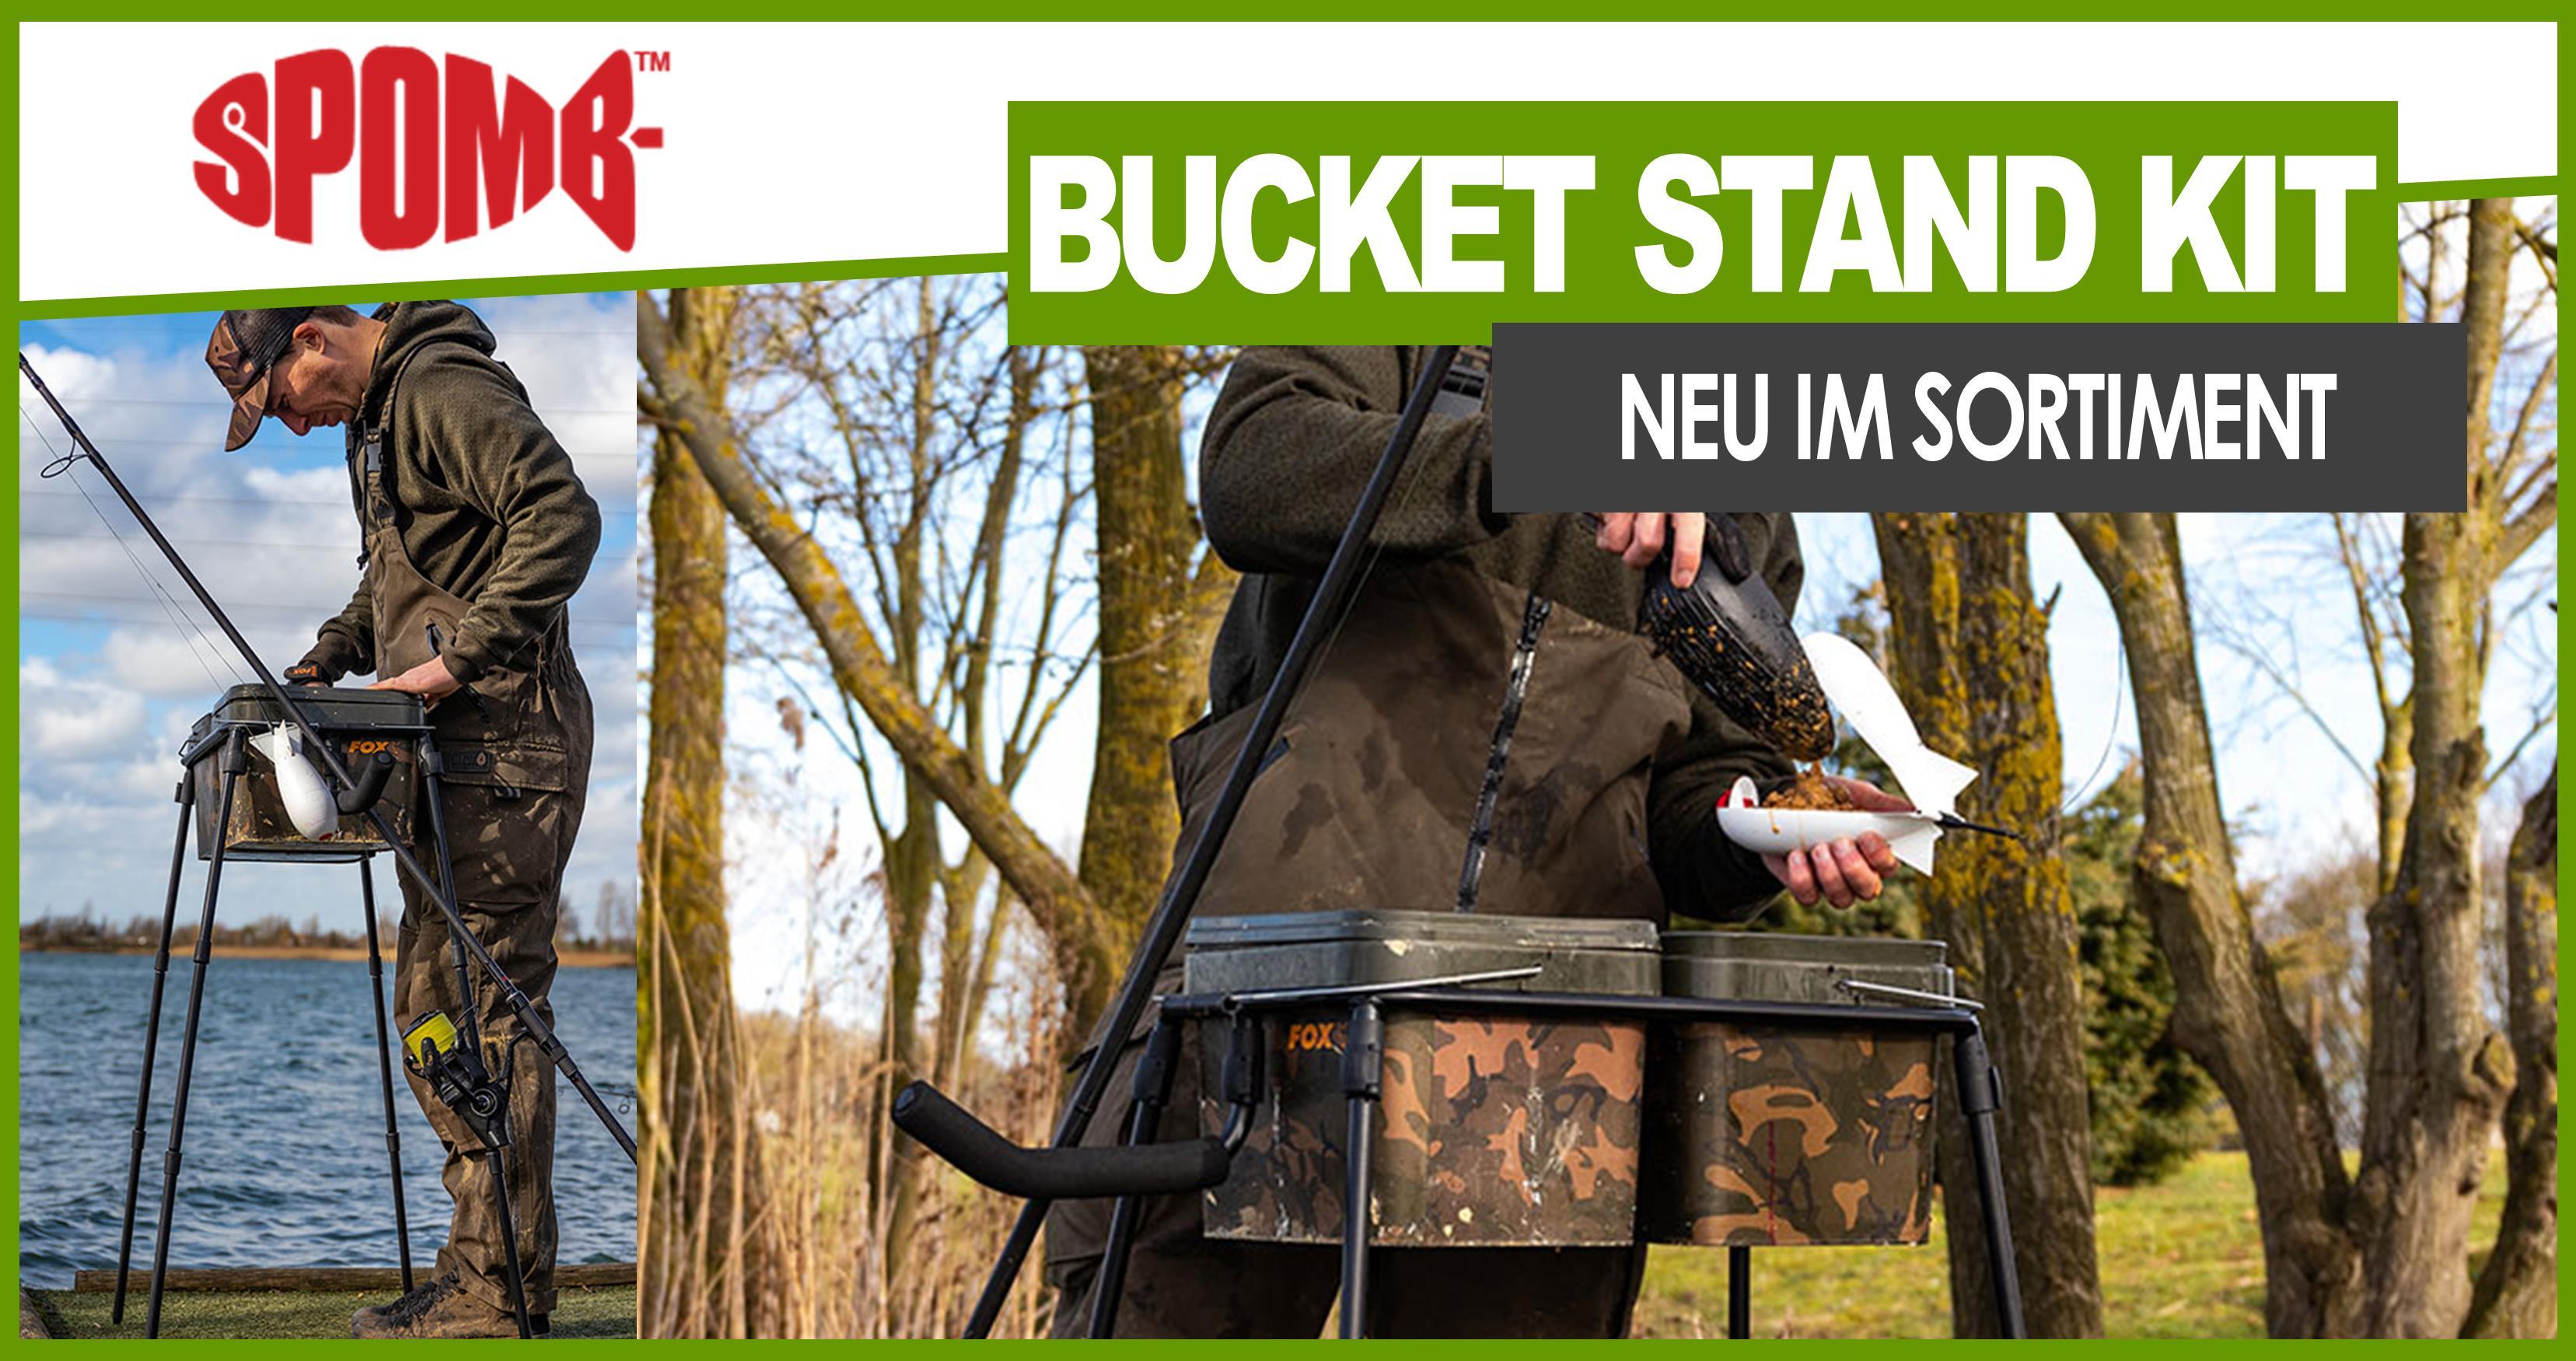 Spomb Bucket Stand Kit...